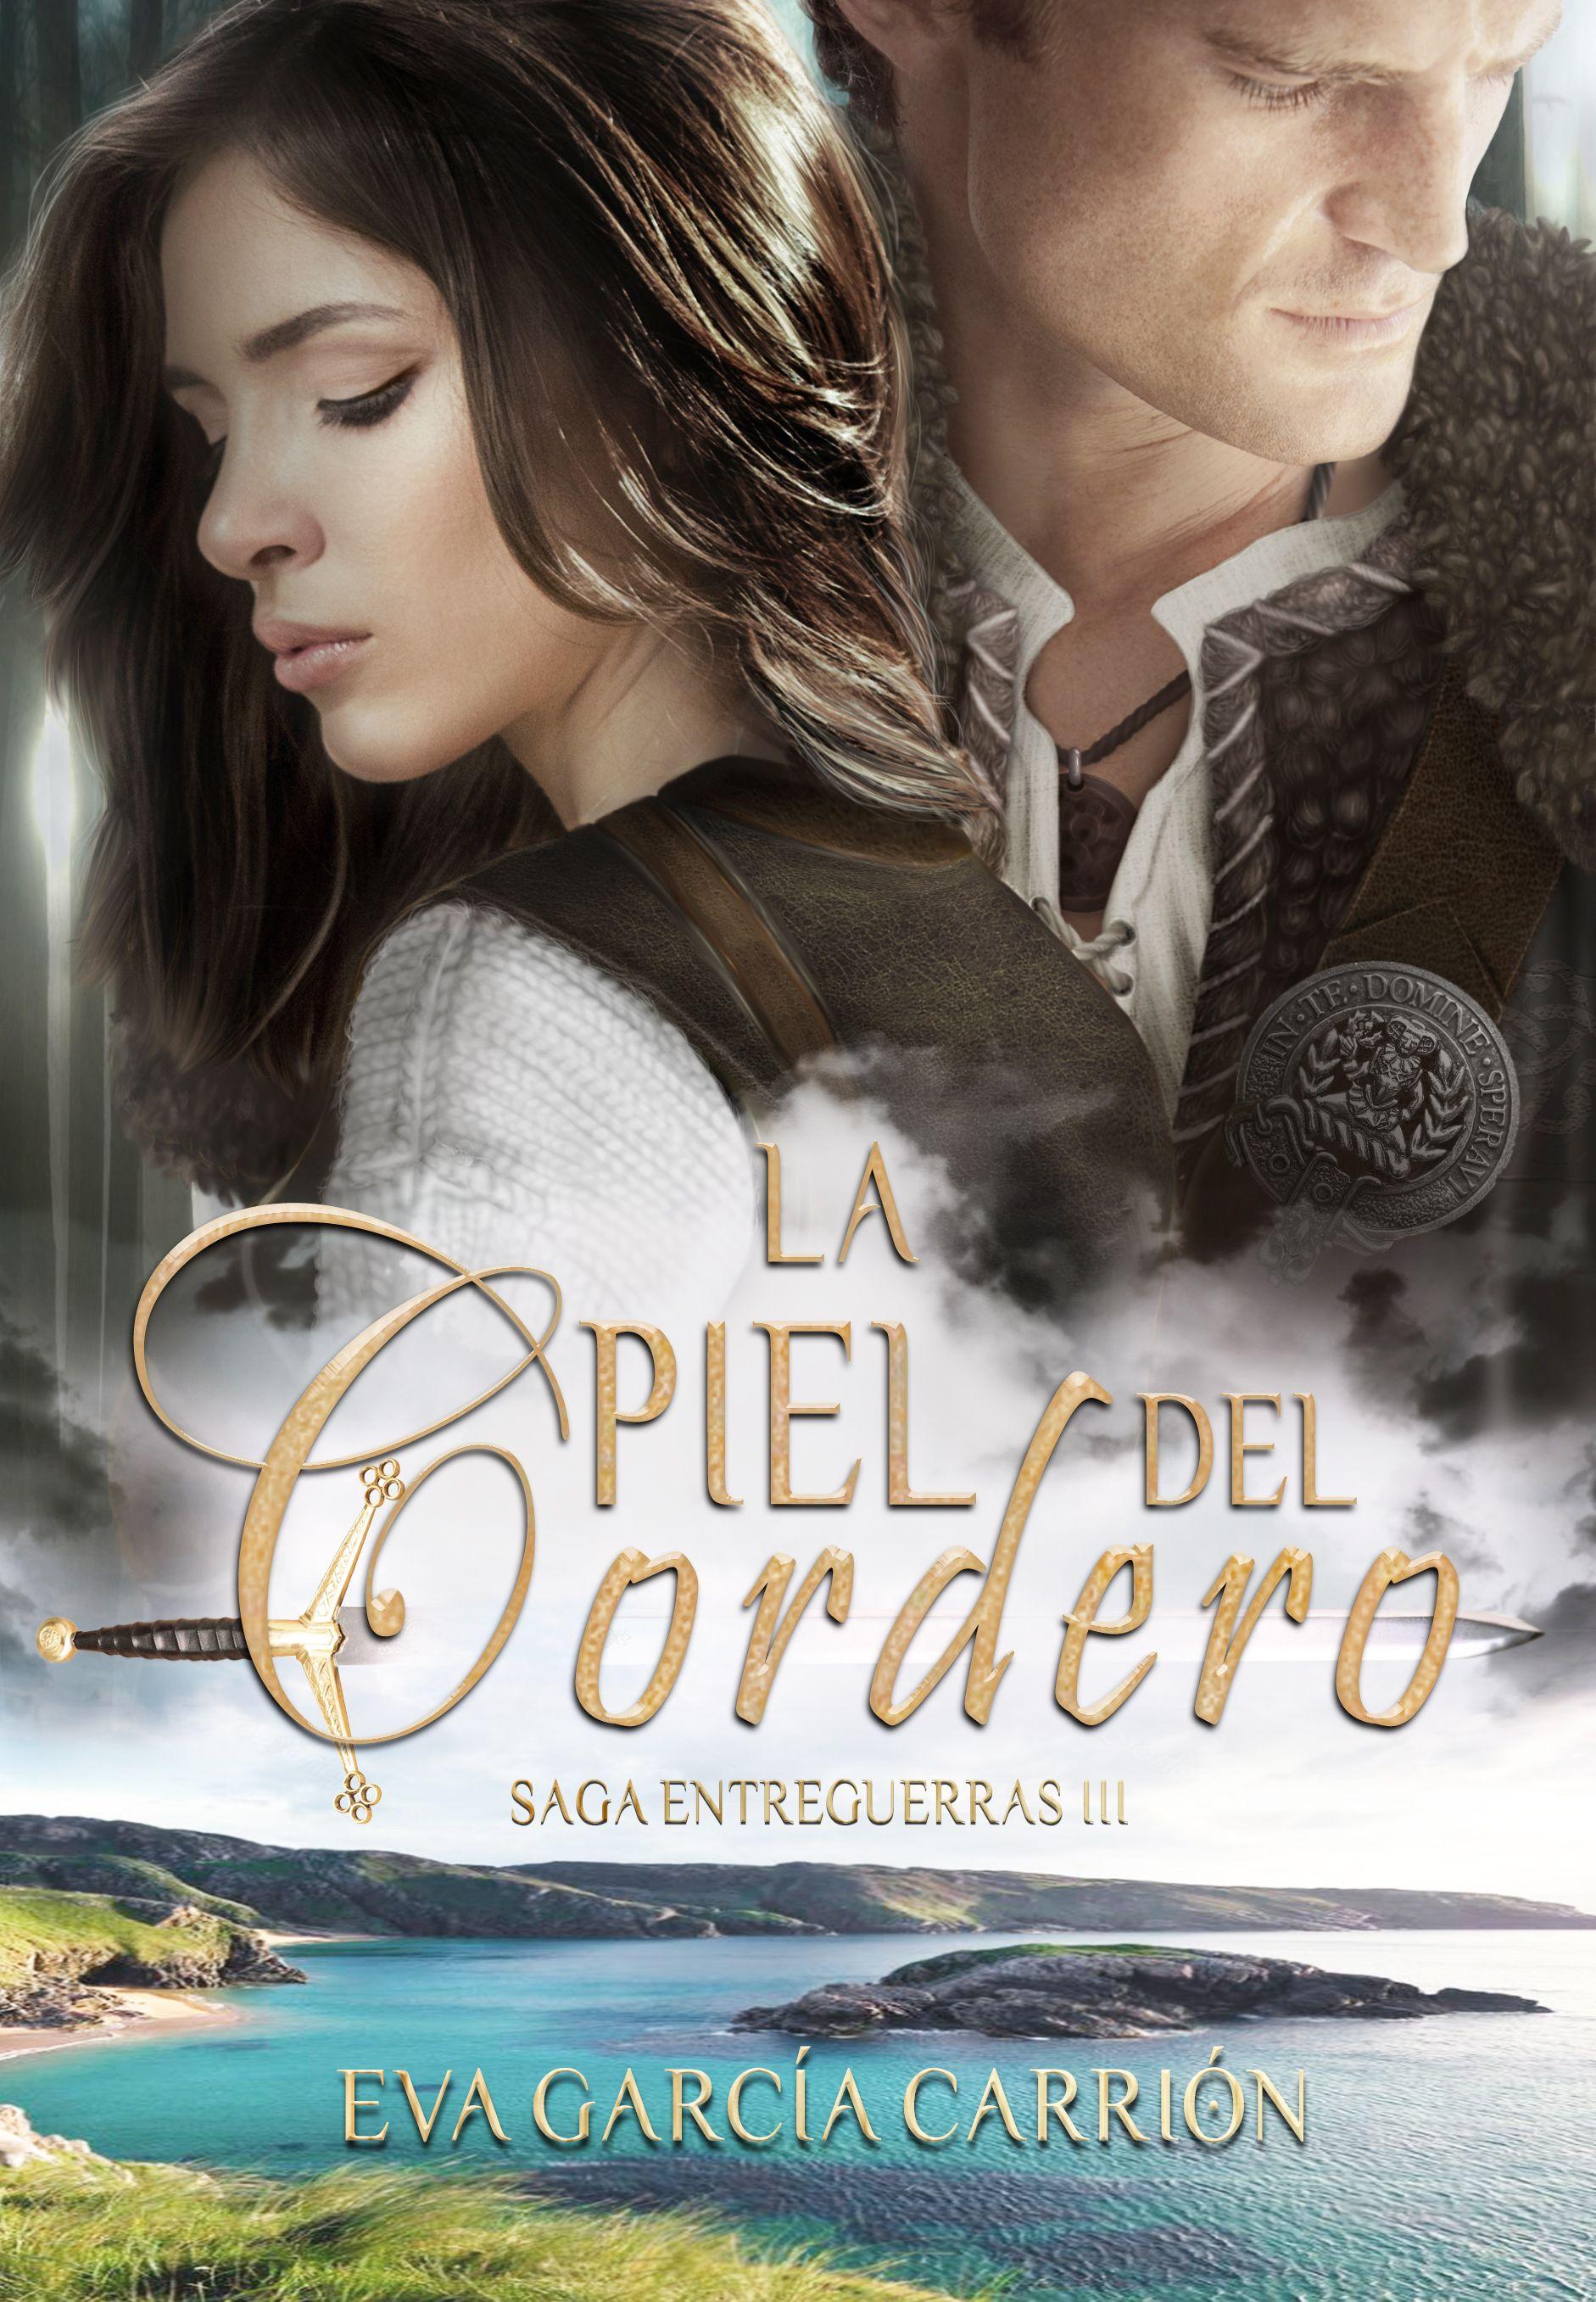 """""""La piel del Cordero - Saga entreguerras III"""" de Eva García Carrión. #"""